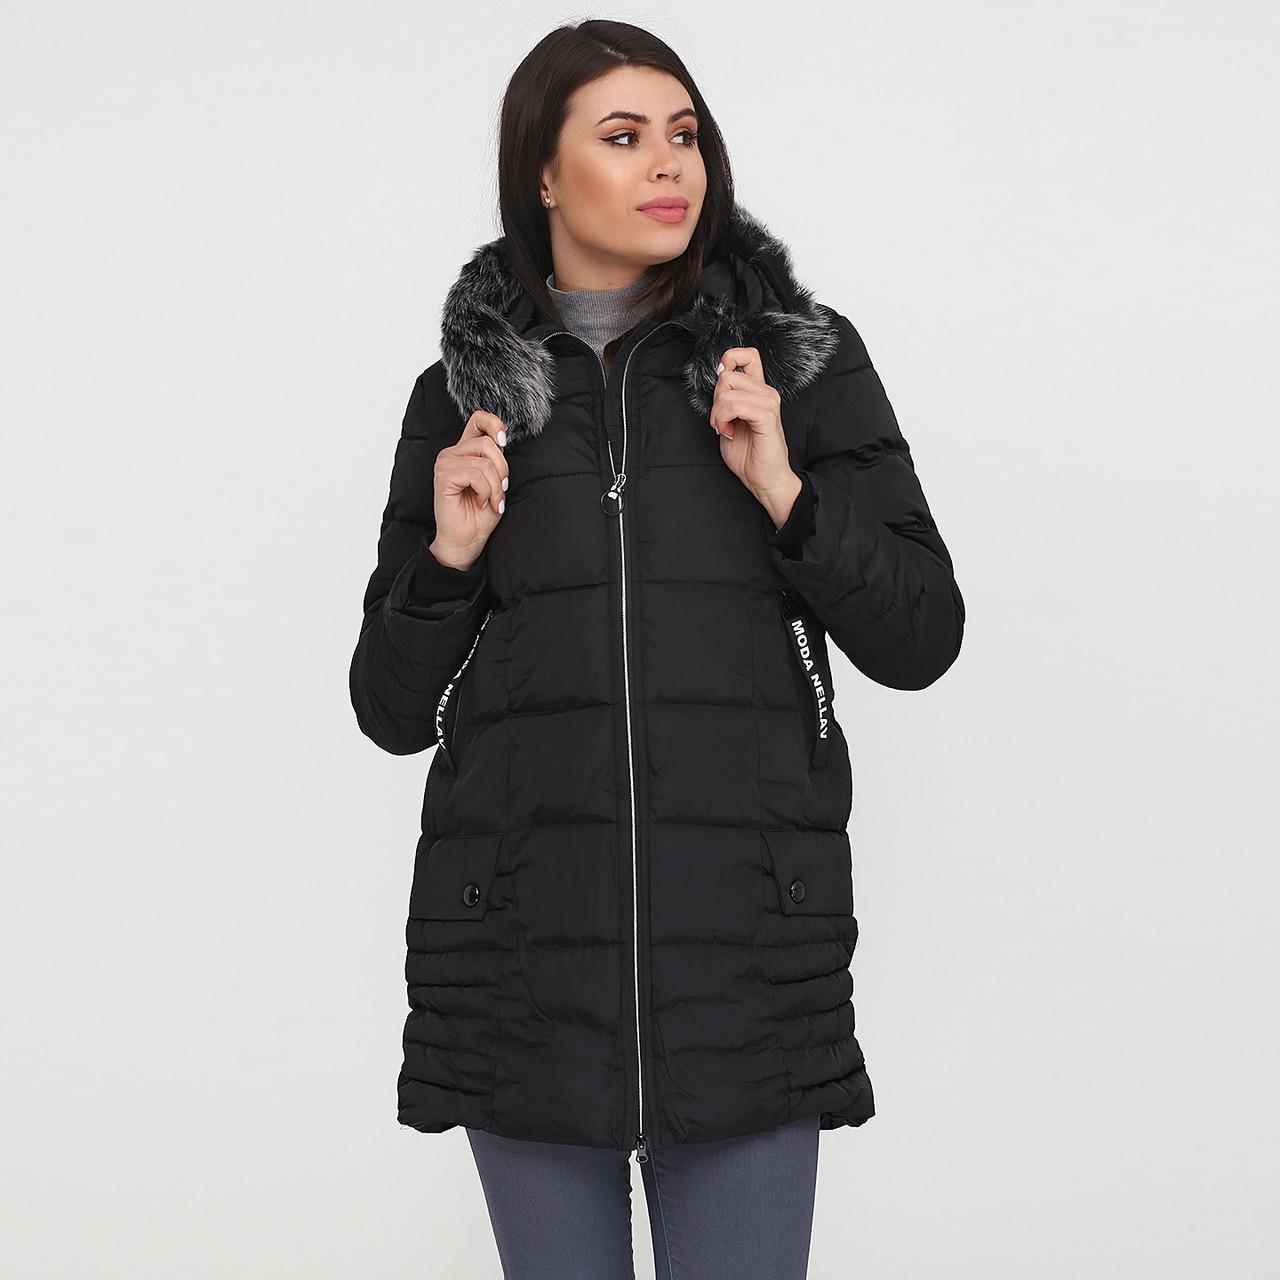 Куртка женская размер 44 (3XL) AL-8510-10